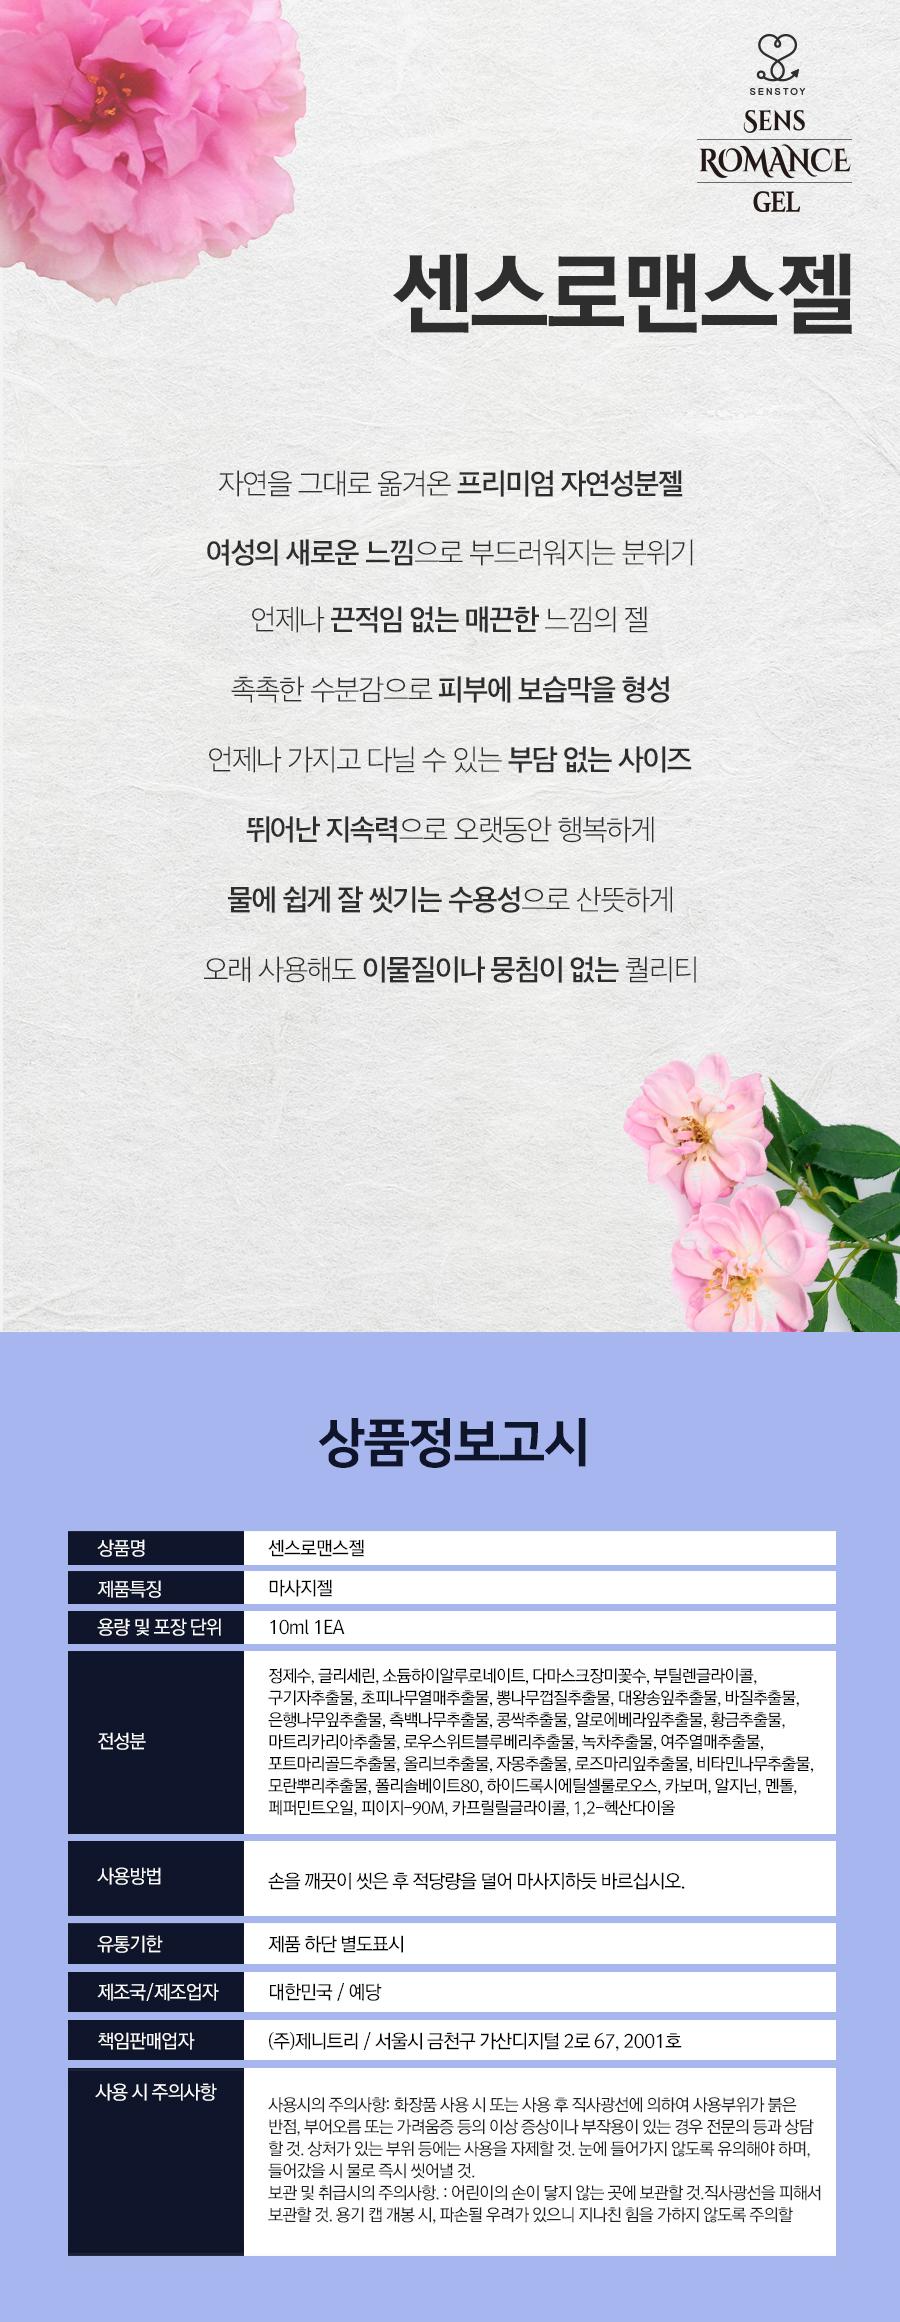 센스 로맨스젤 상품정보